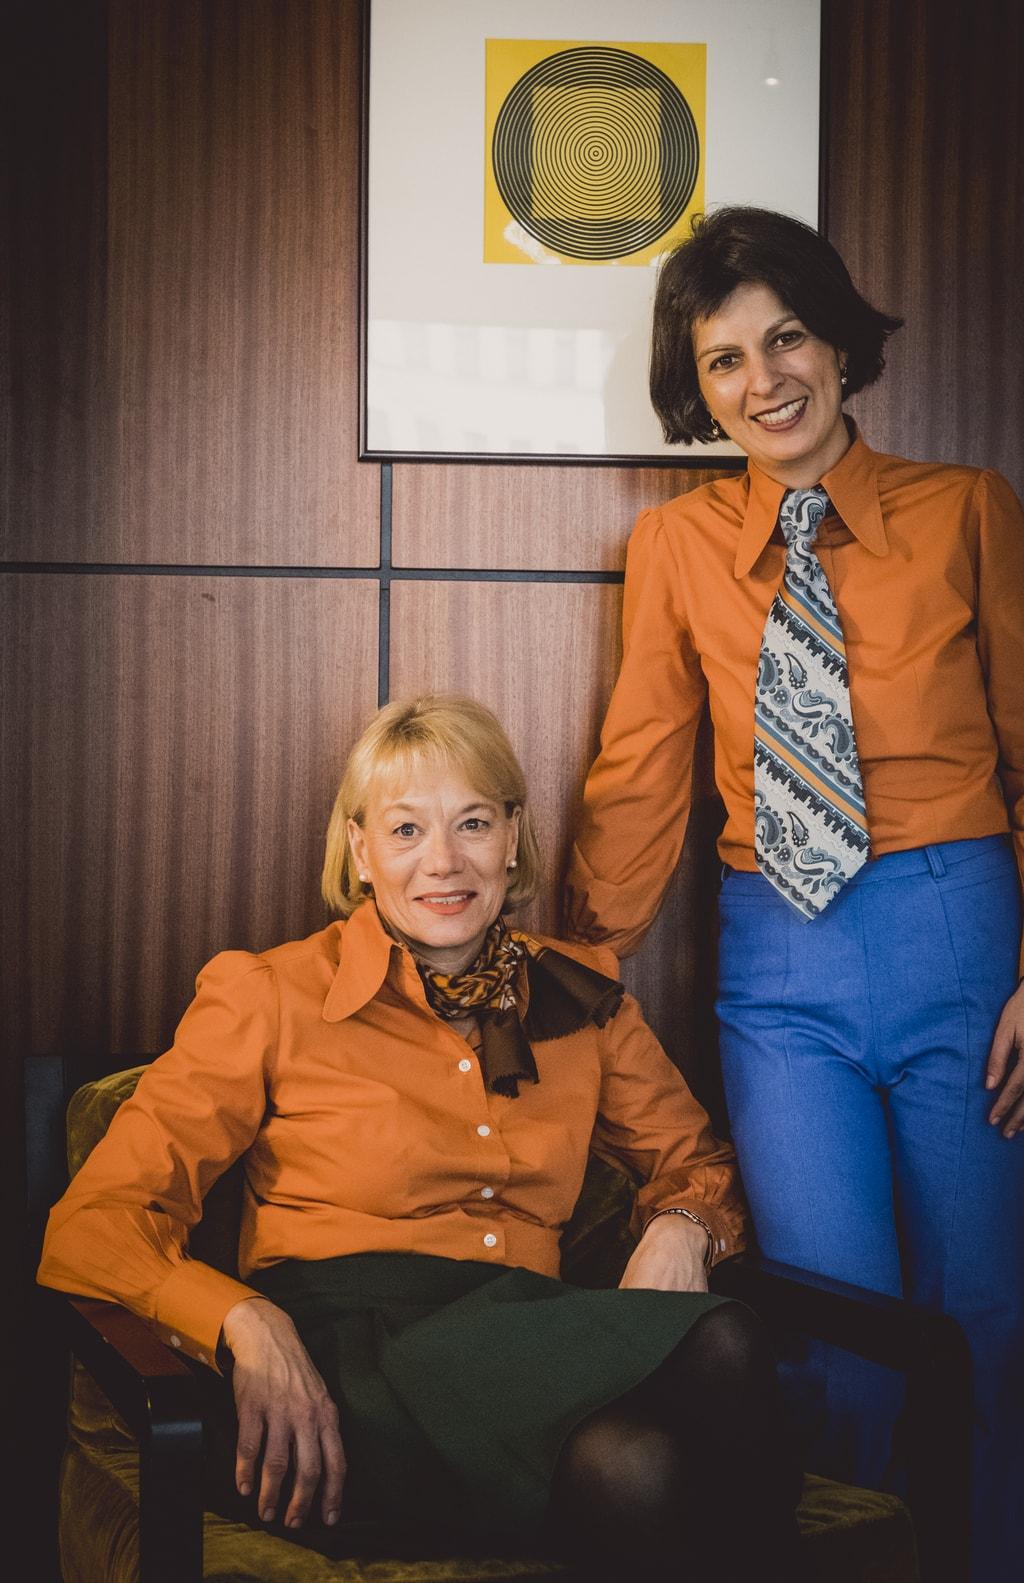 Personeel met unieke retro kleding